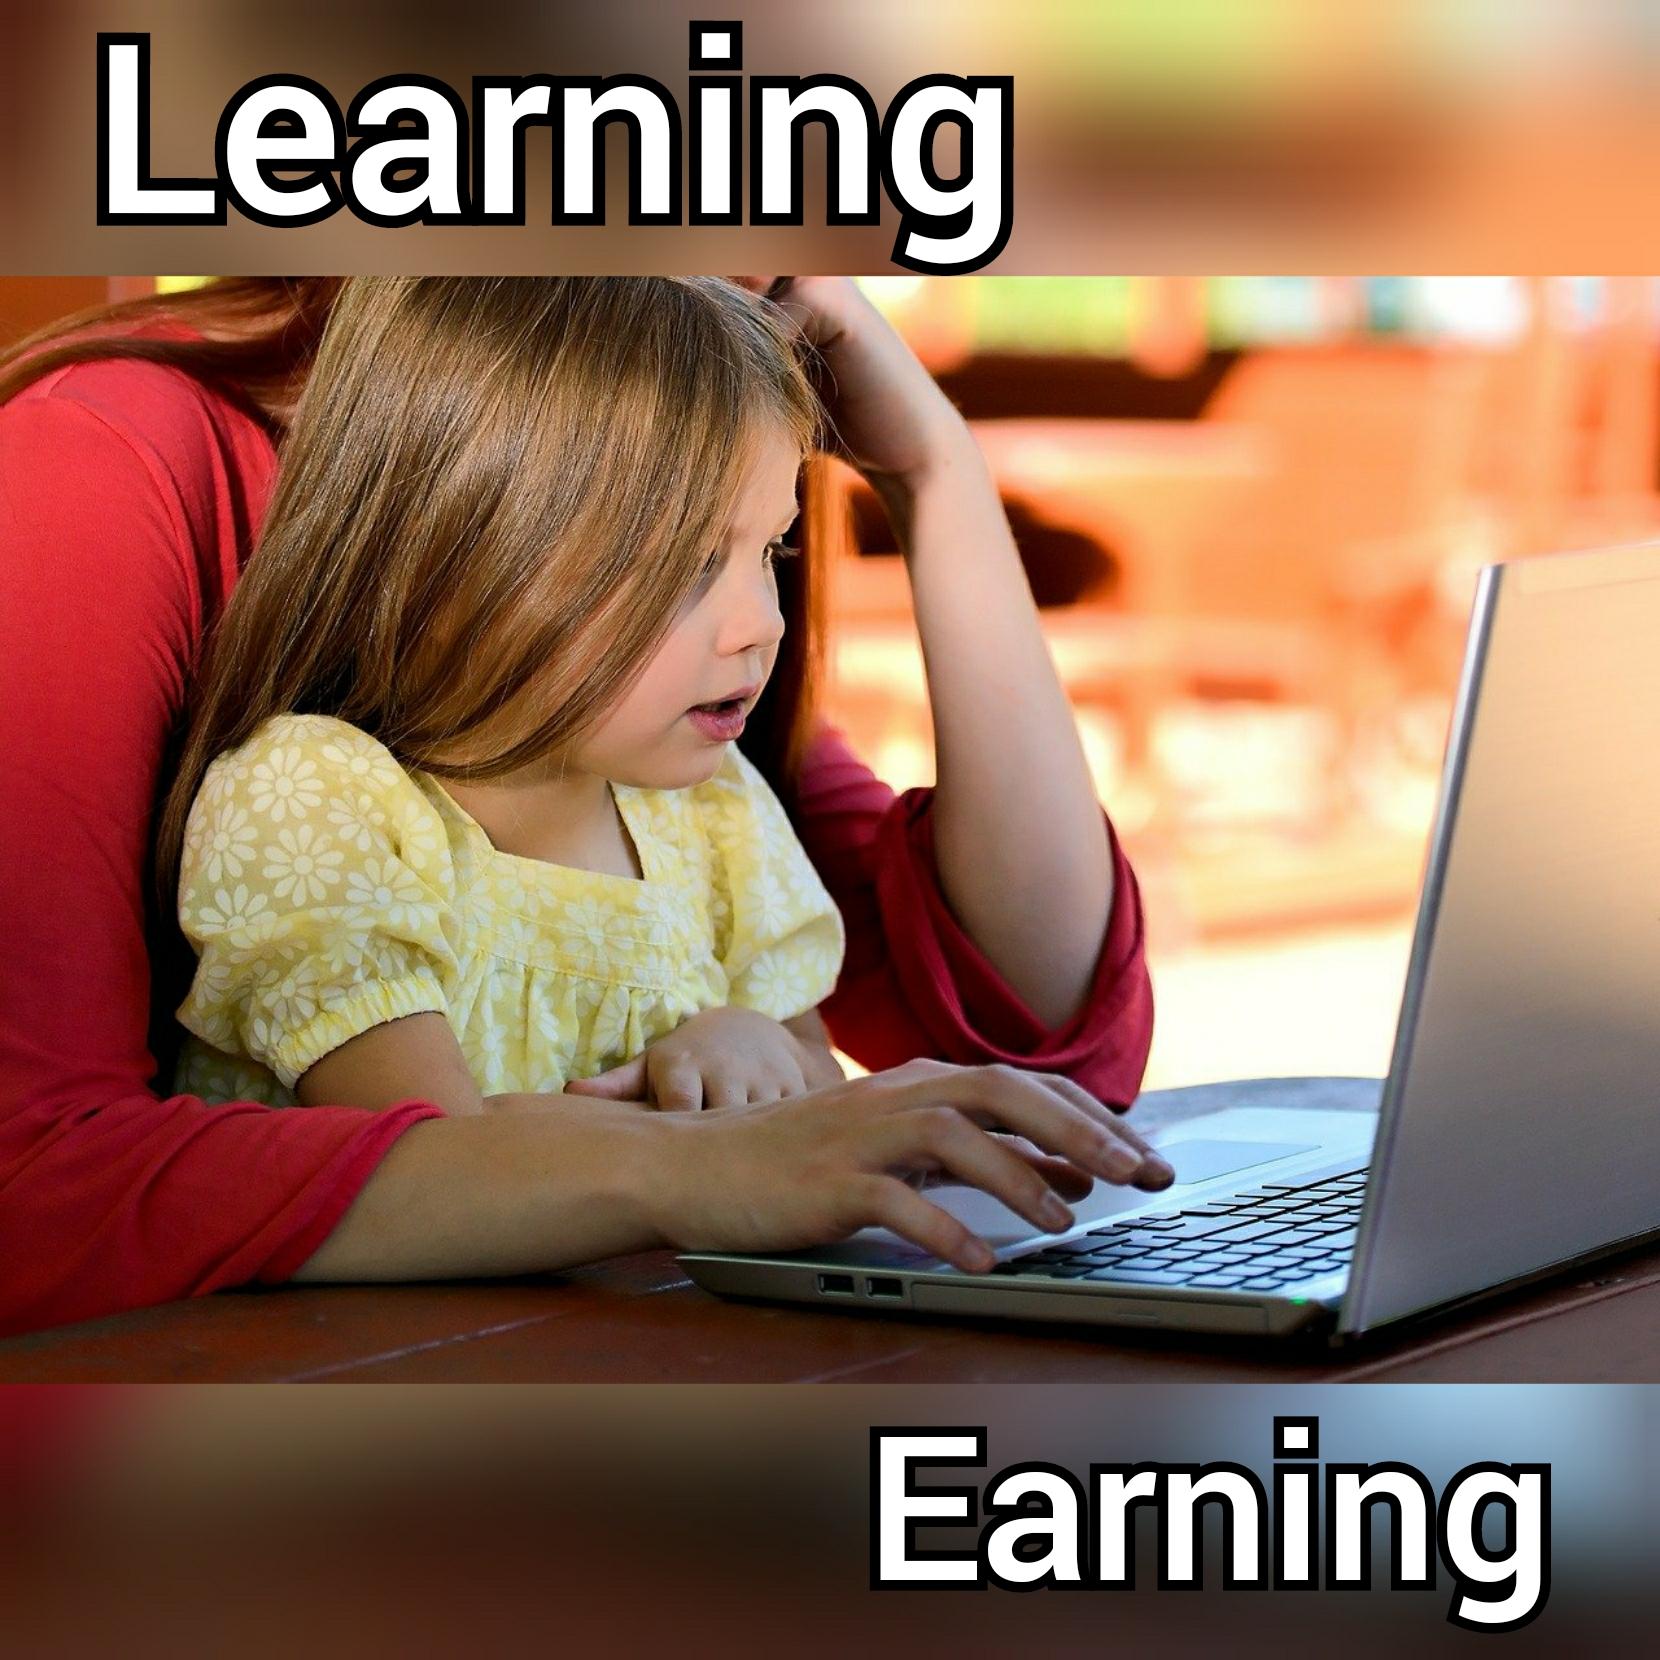 Learning बढ़ेगी तो Earning अपने आप बढ़ेगी